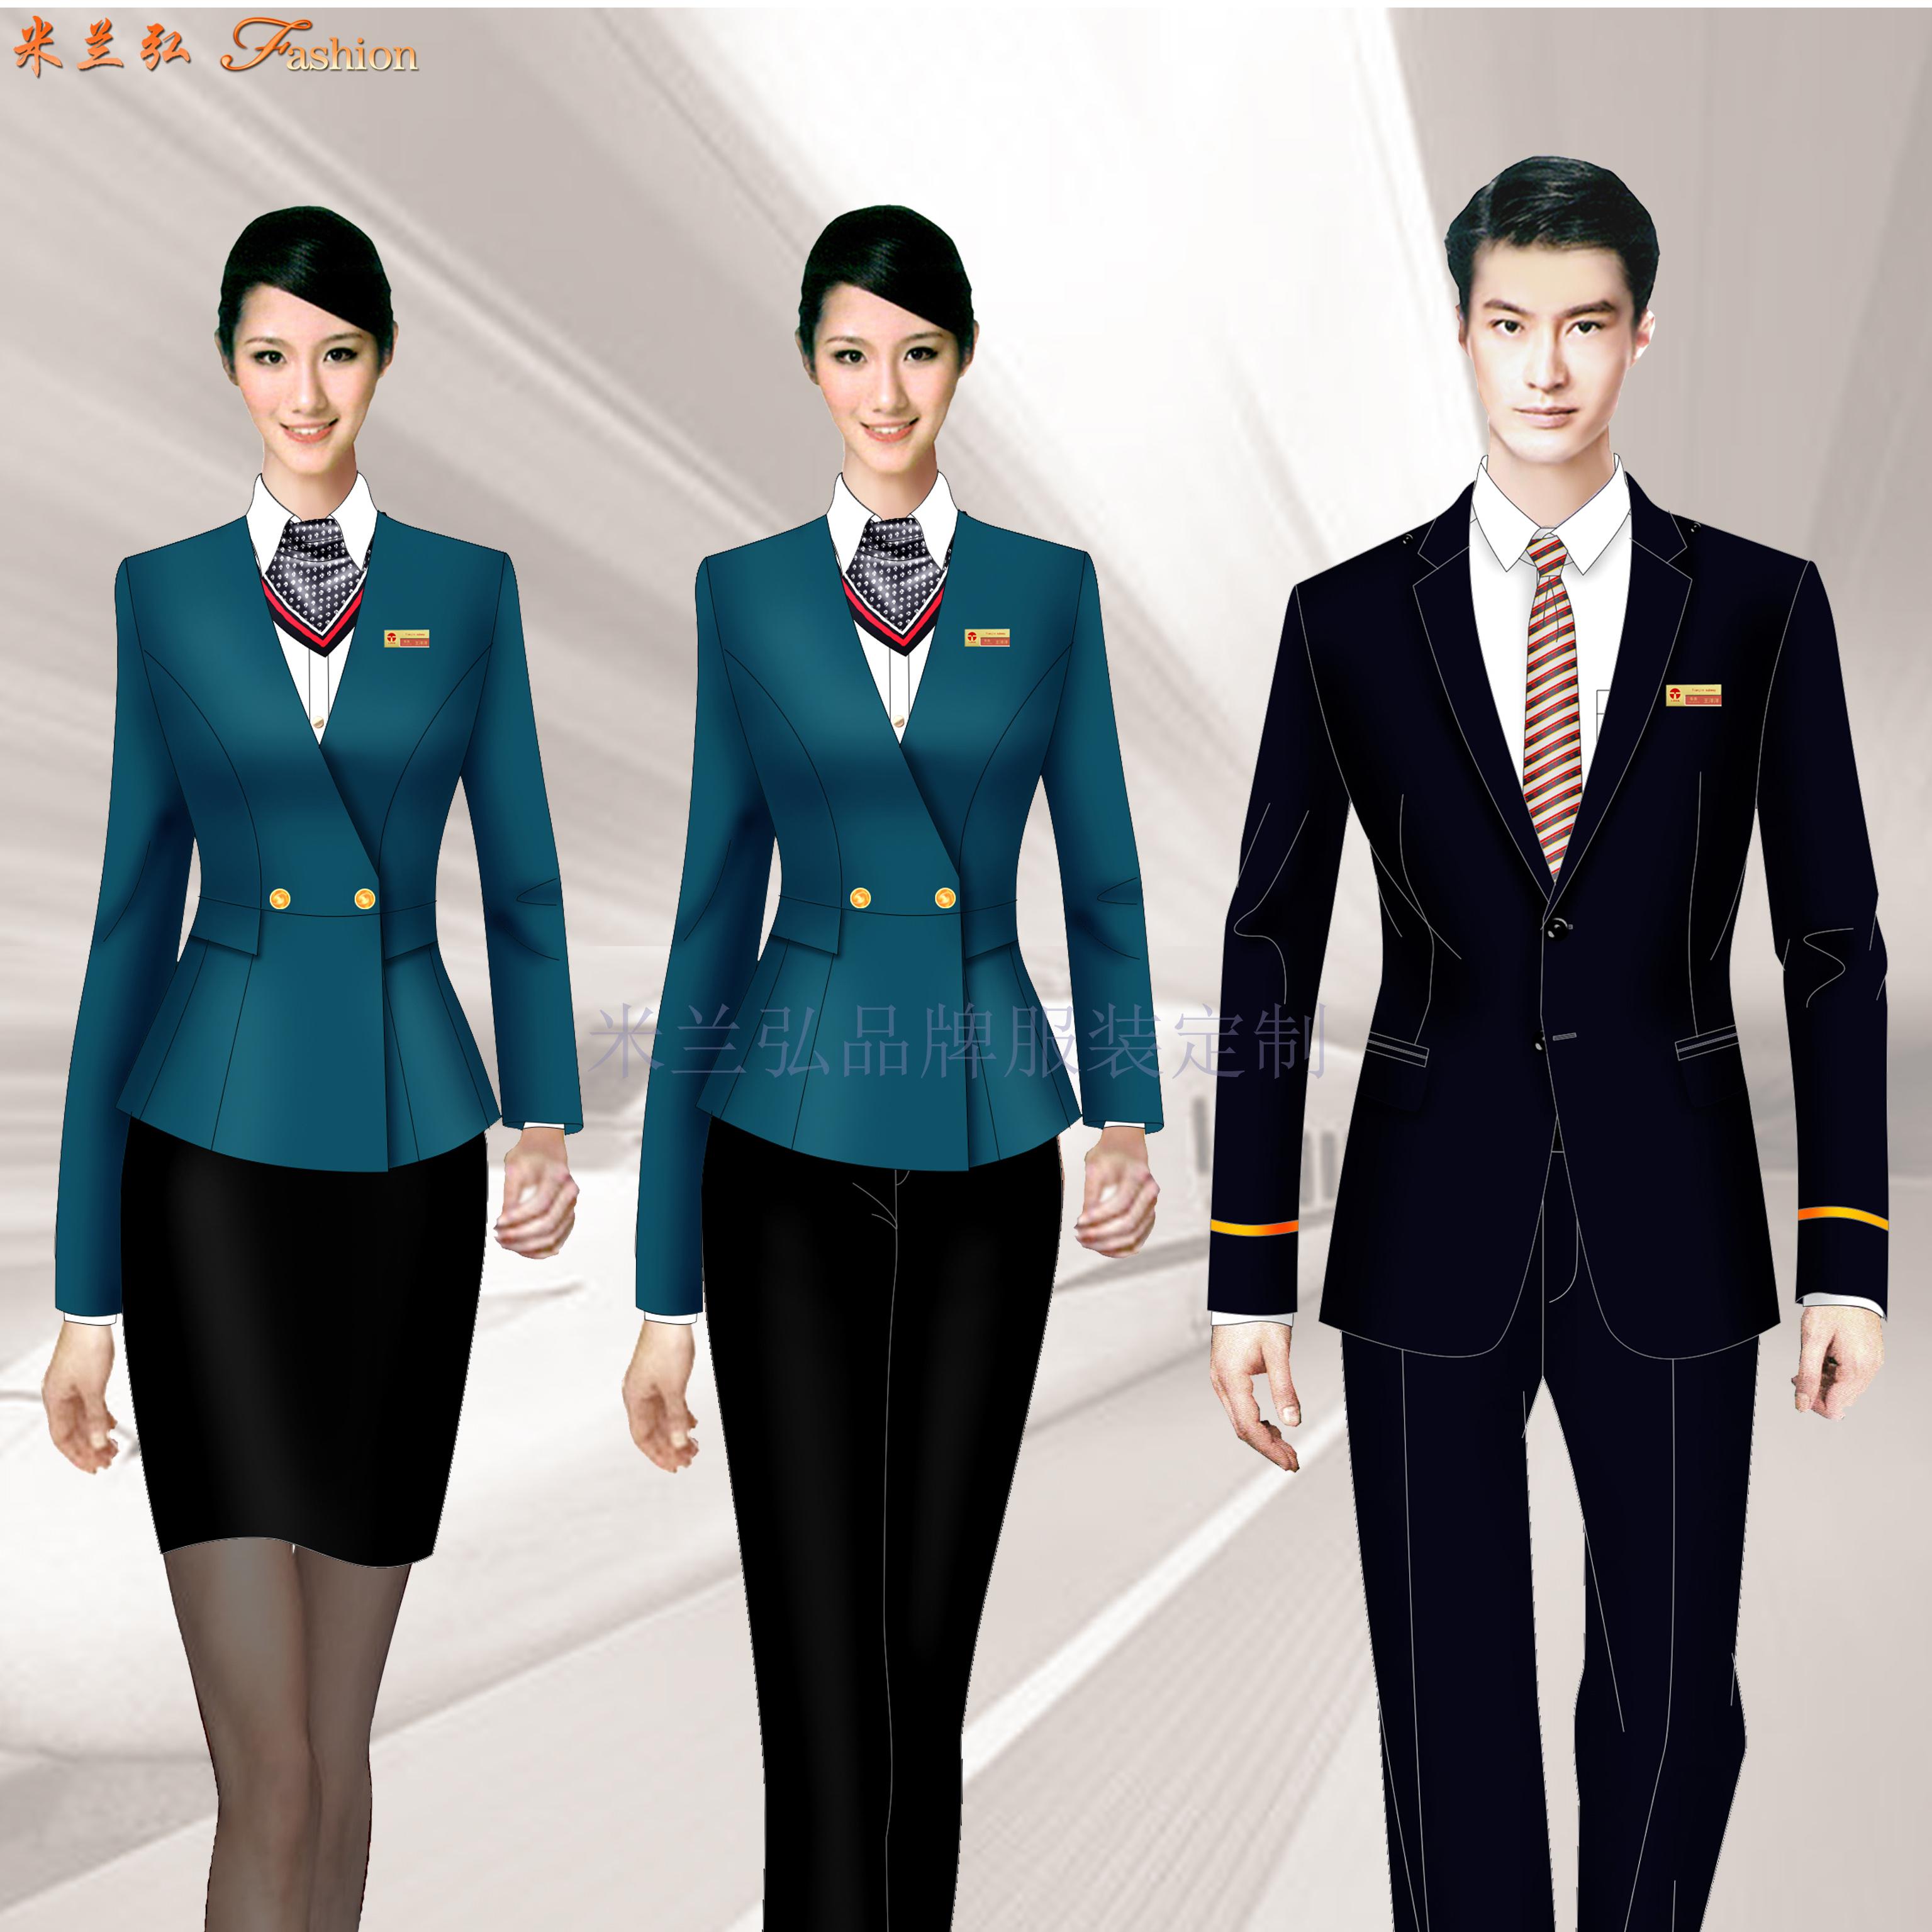 「航空工作服」供應航空公司貨真價實地勤機務工作服-米蘭弘服裝-1